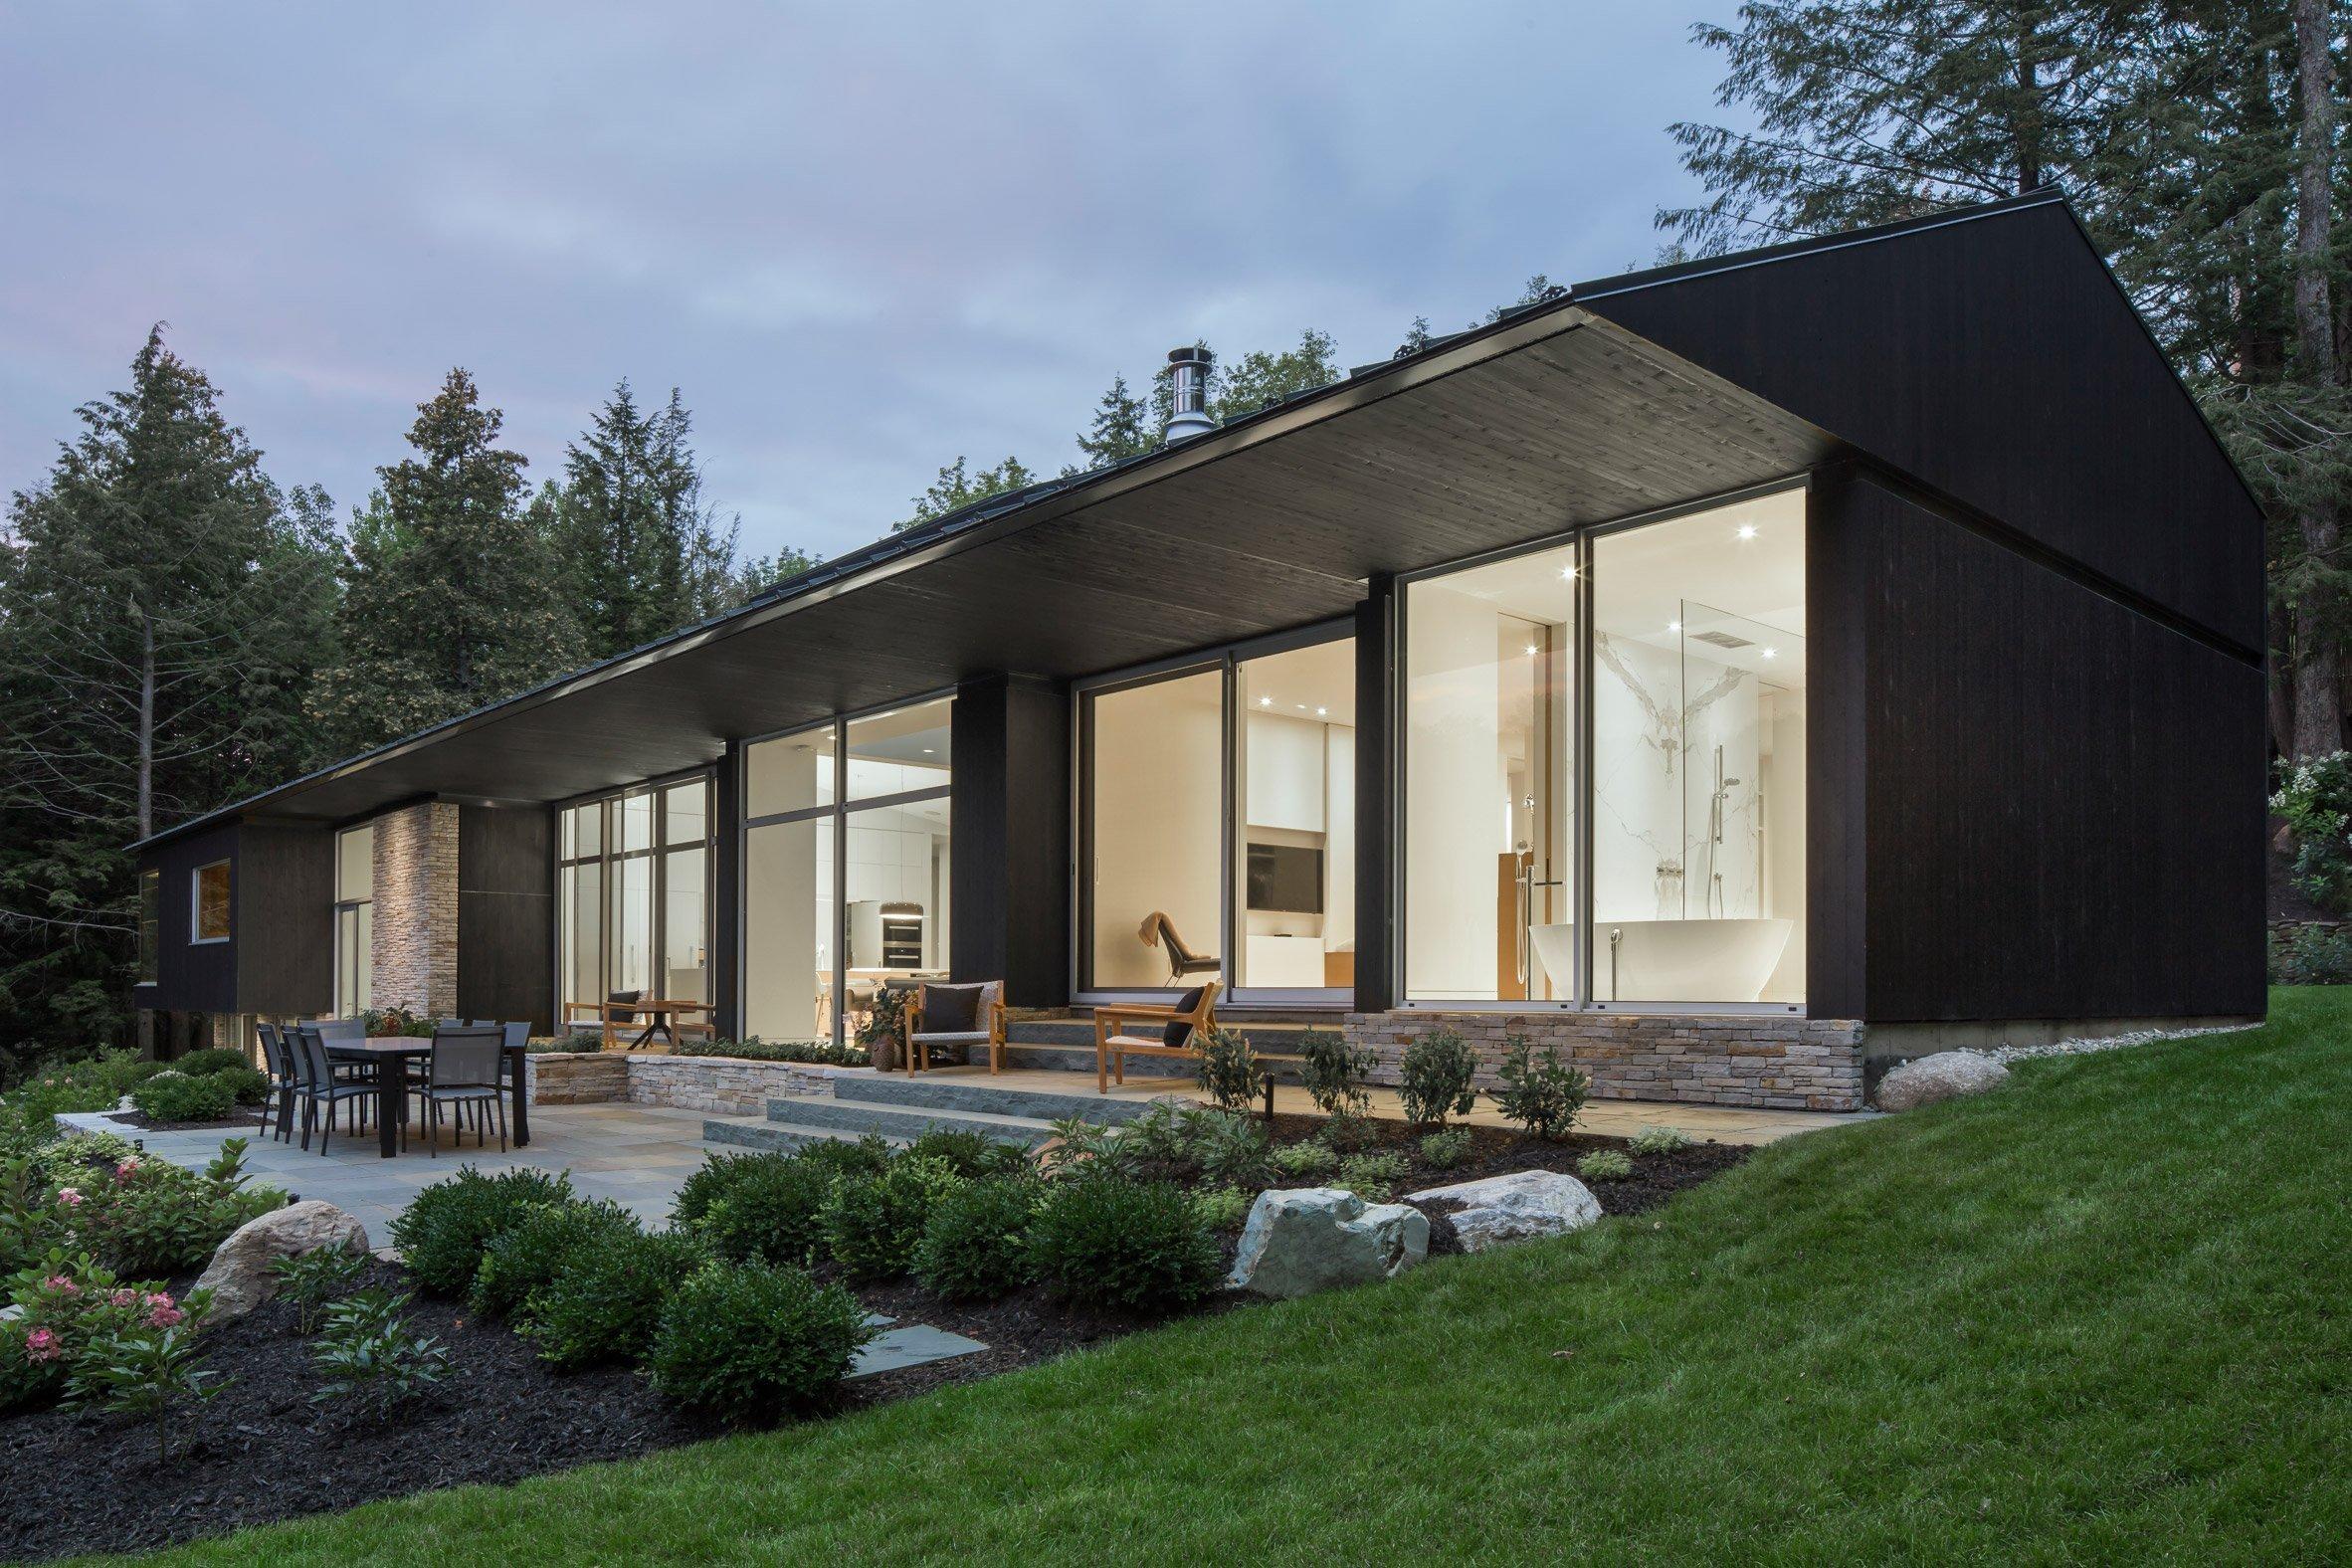 Minimalistická, elegantní, ale i nesmírně stylová – přesně taková je rezidence Slender House nacházející se v oblasti ledovcového jezera Memphremagog v kanadské provincii Quebec. Díky čemu si nás tato krásná stavba o rozloze 418 metrů čtverečních získala?